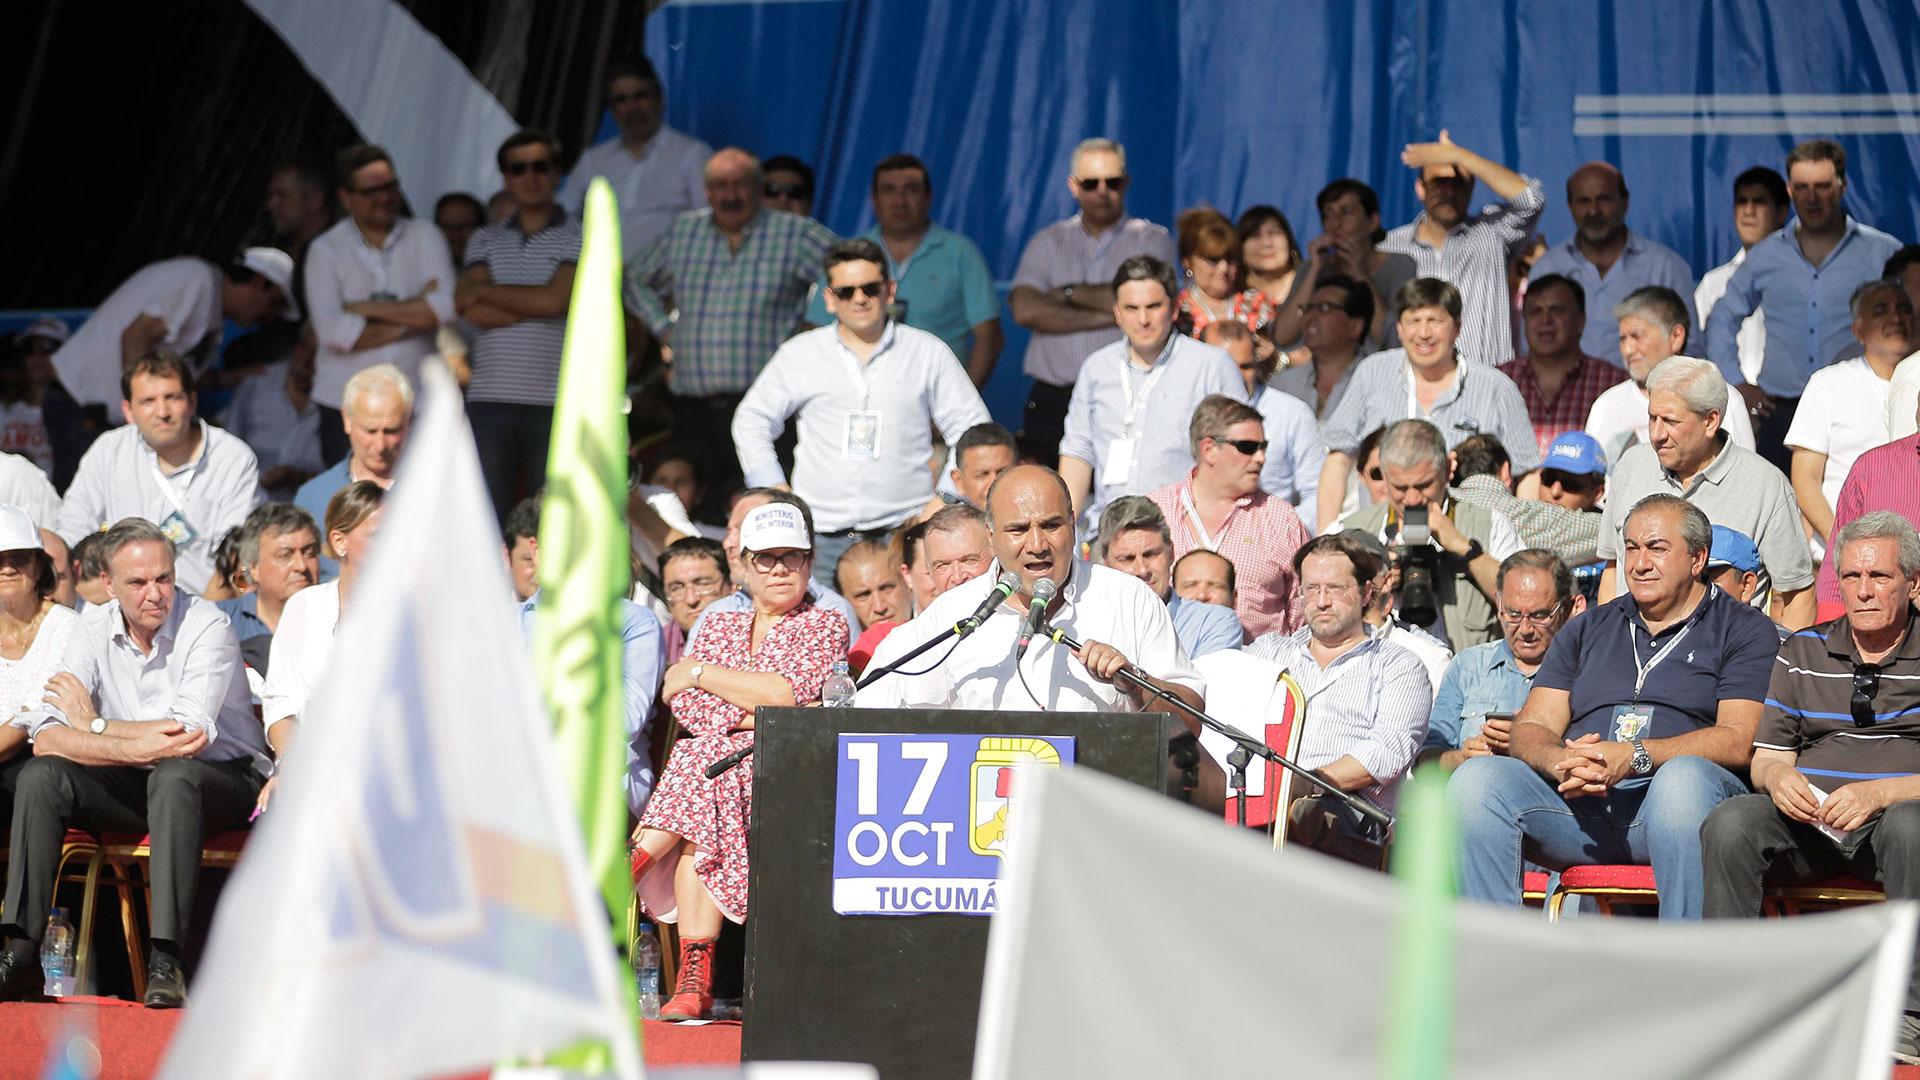 El mandatario tucumano cerró el acto con su discurso